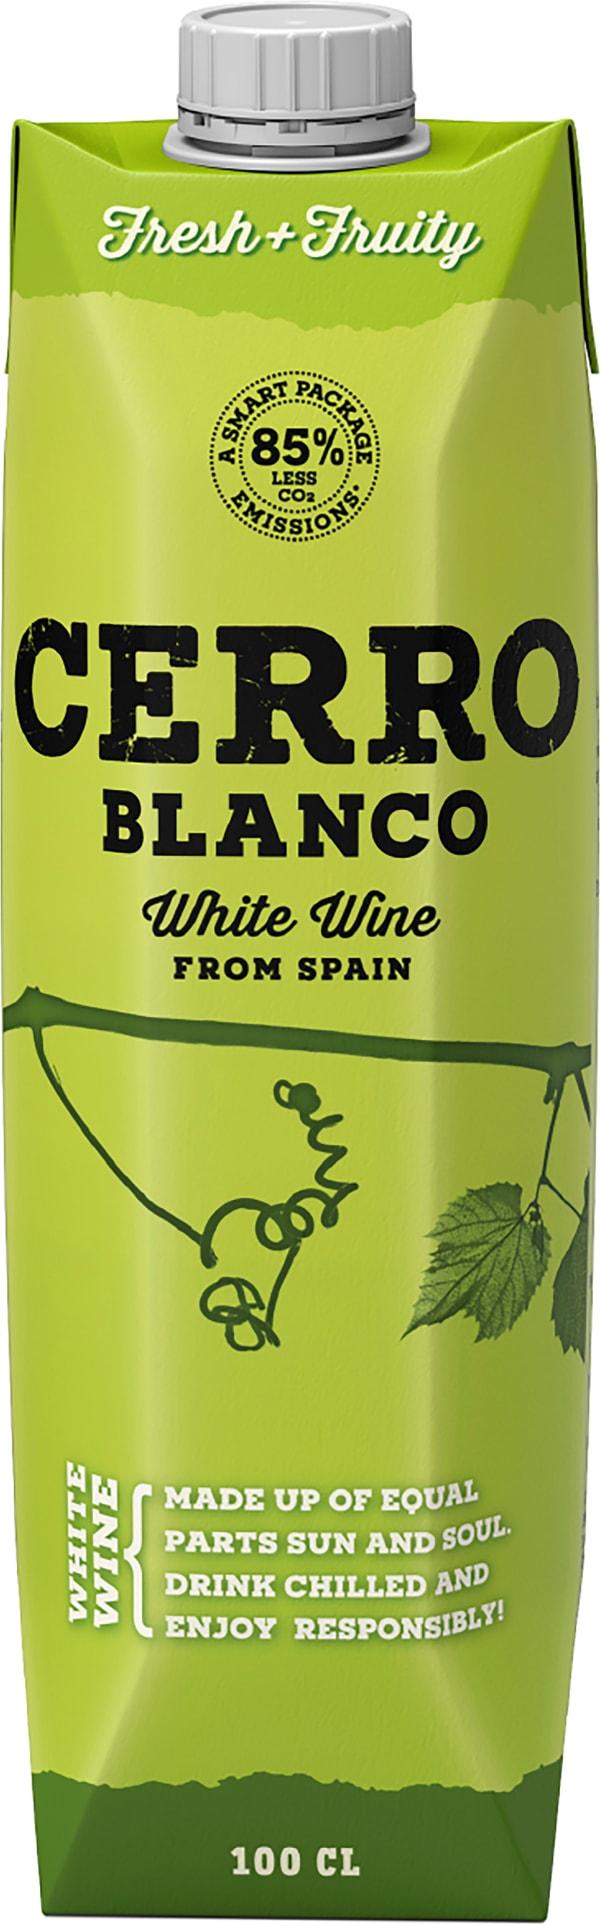 Cerro Blanco kartongförpackning